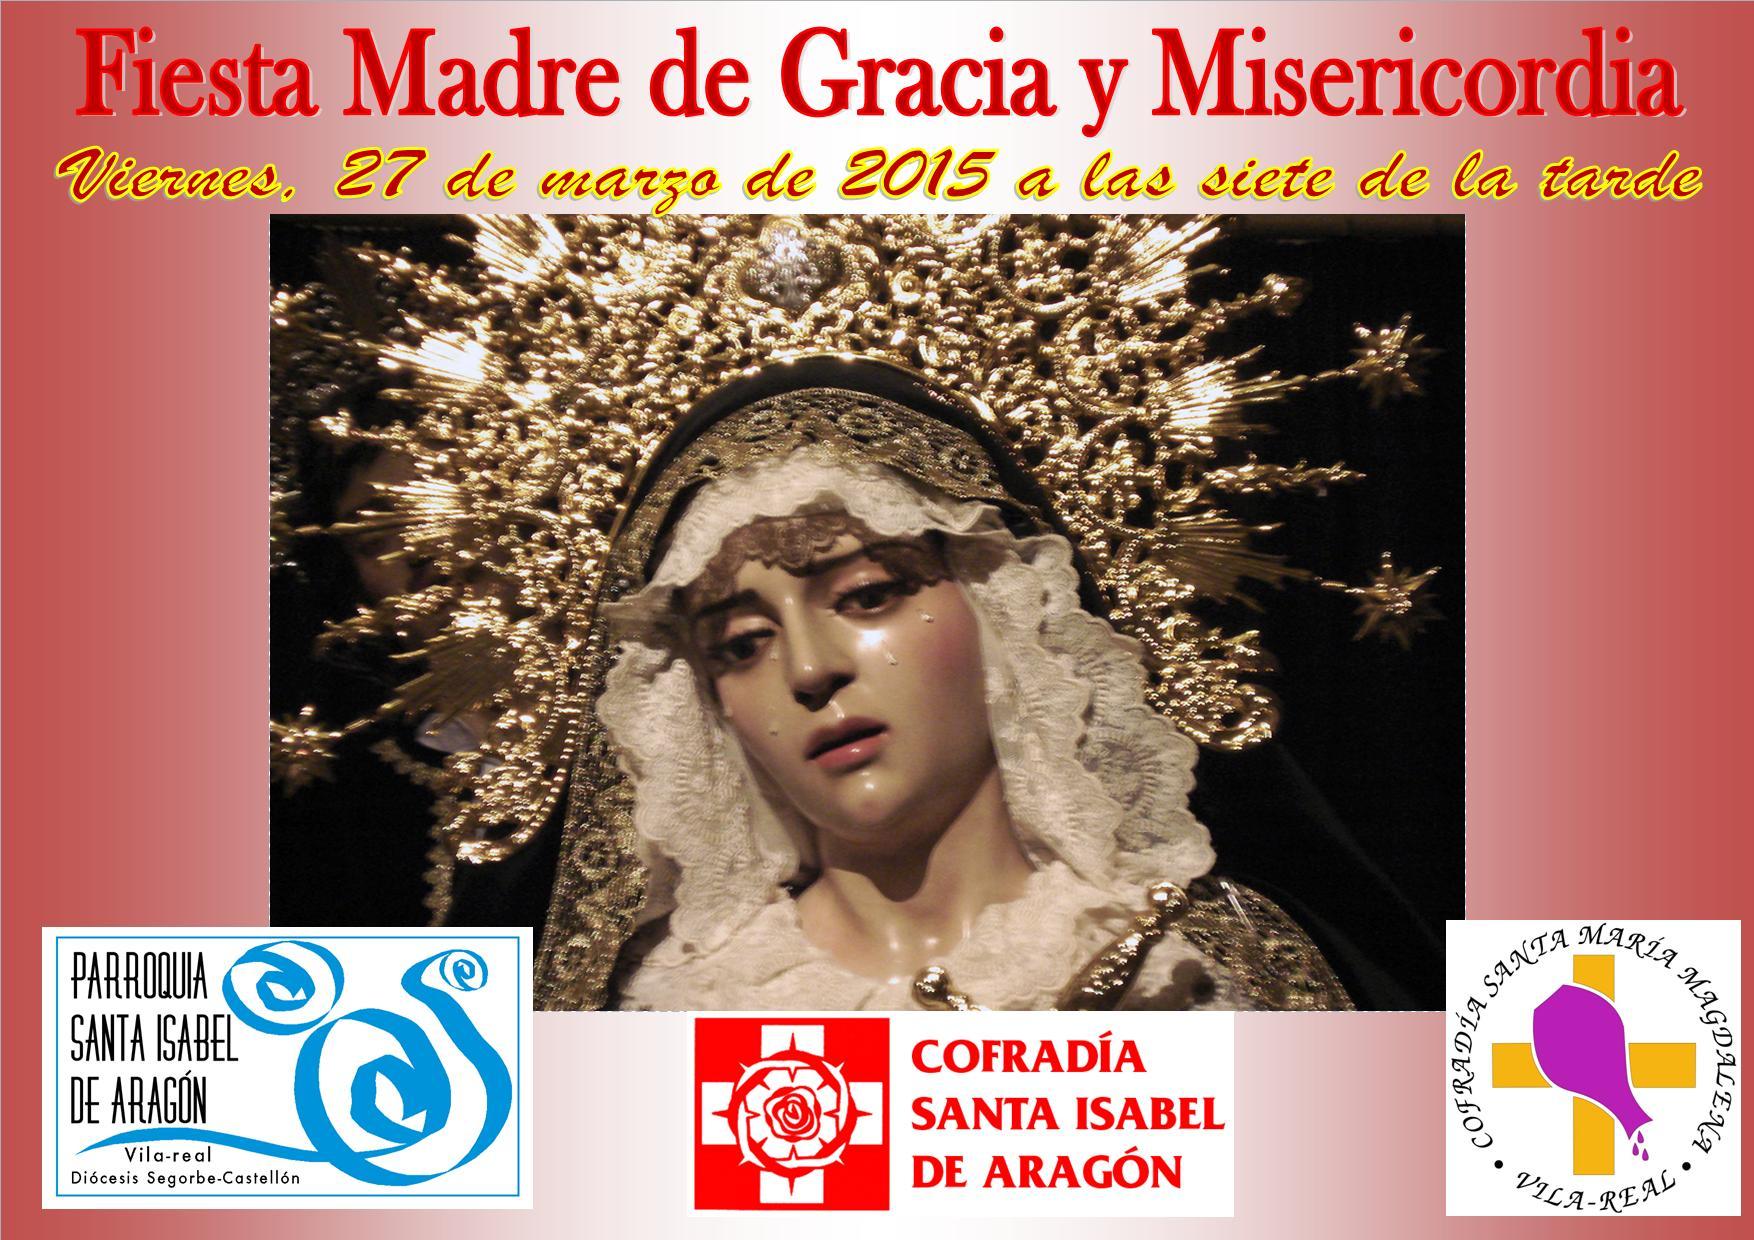 FIESTA MADRE DE GRACIA Y MISERICORDIA 2015